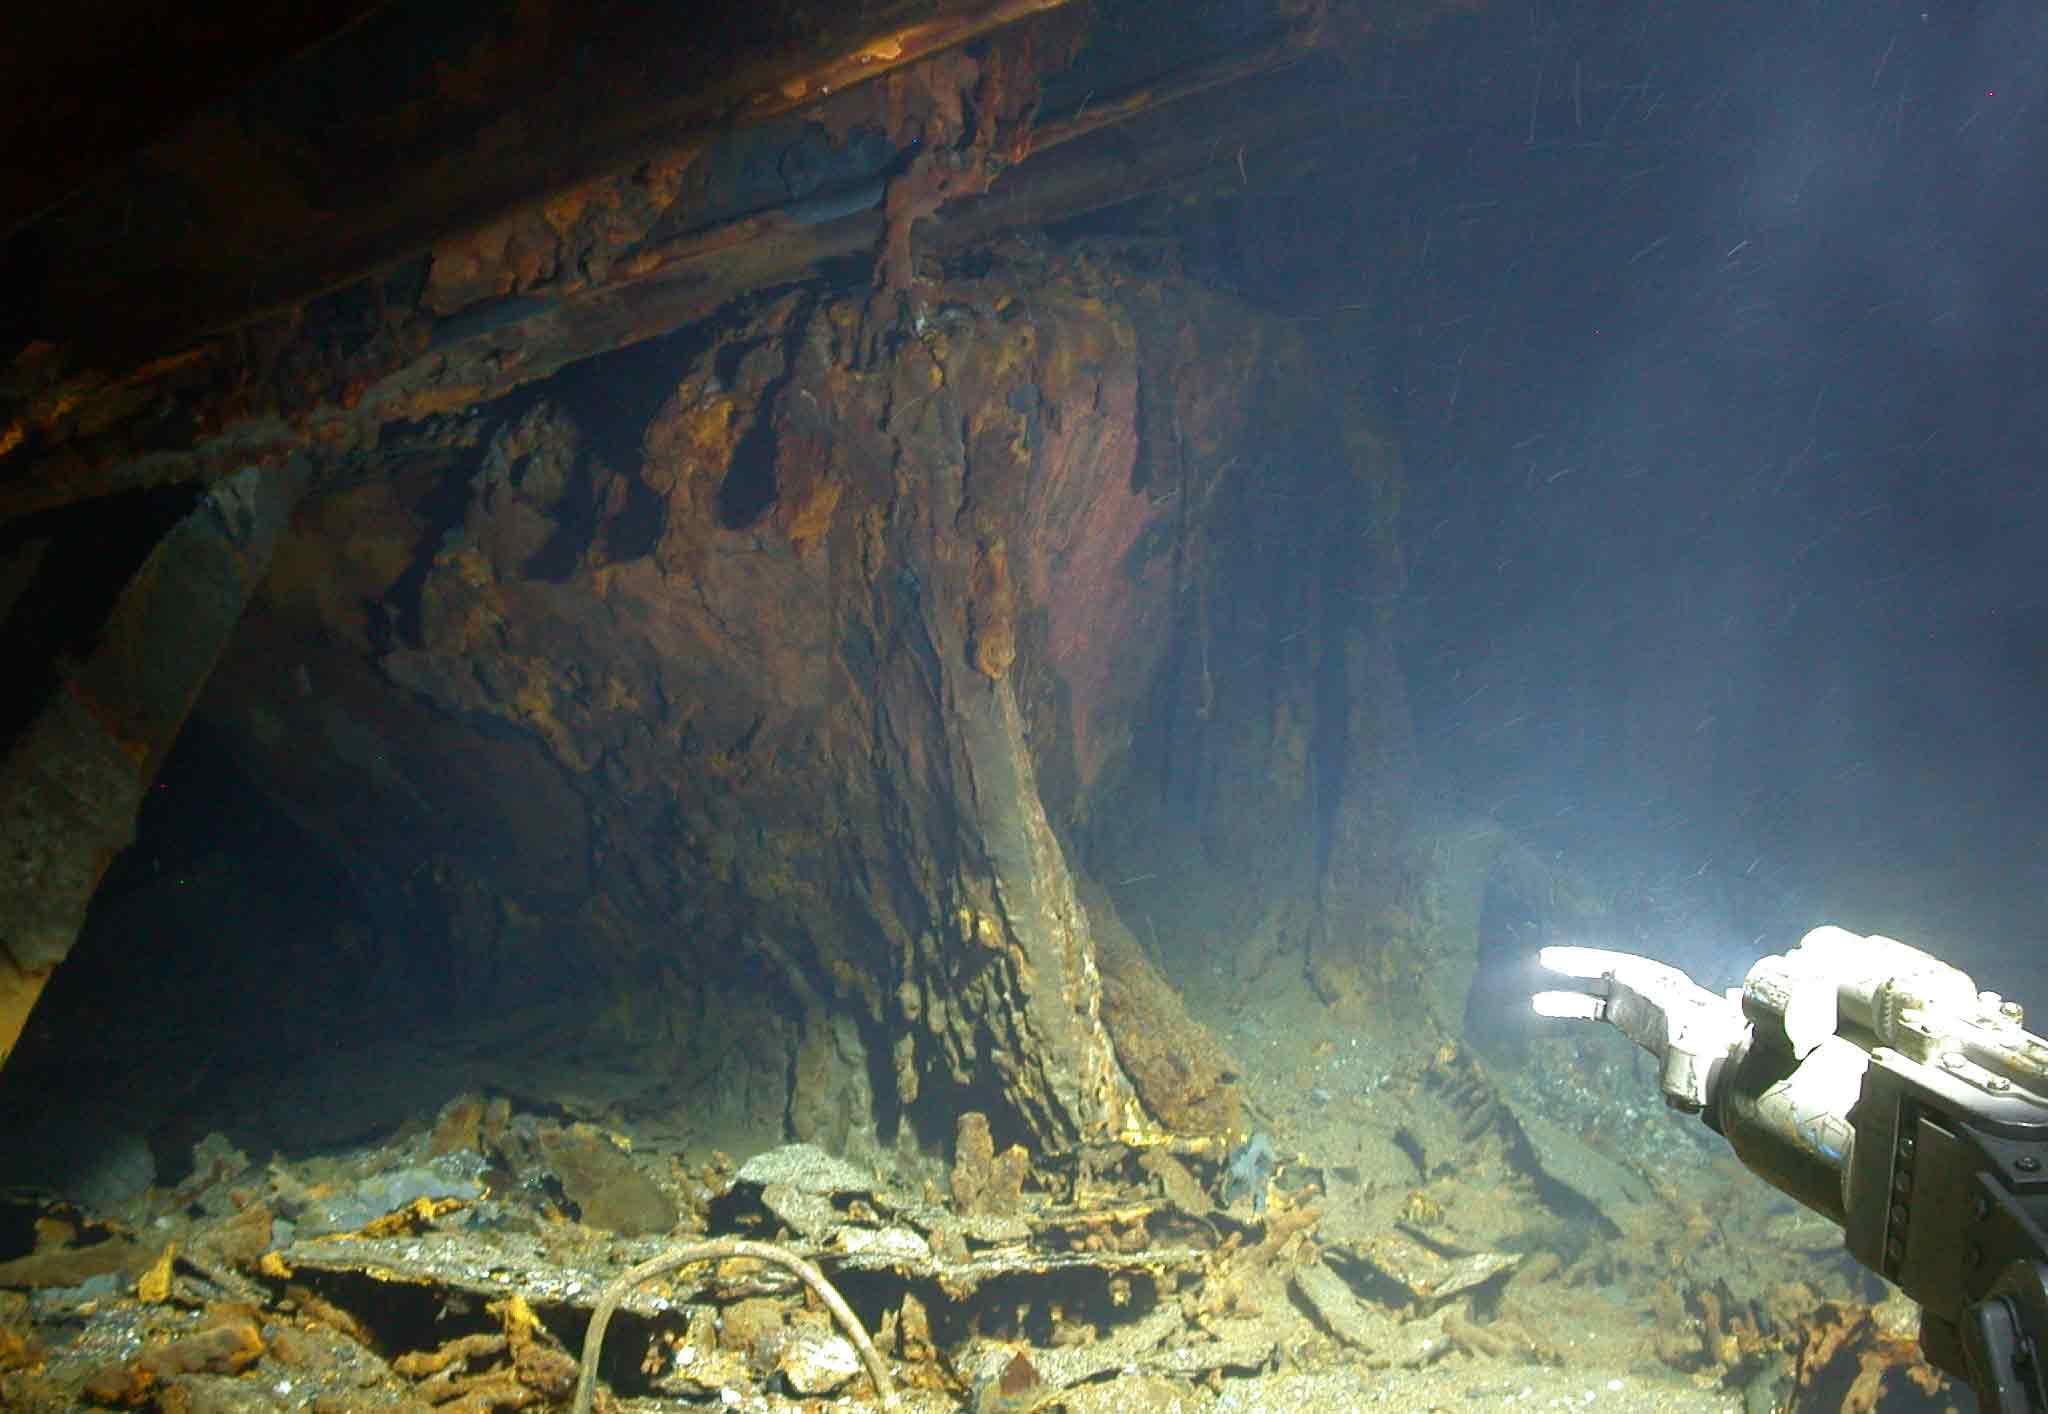 Image: Odyssey Marine Exploration